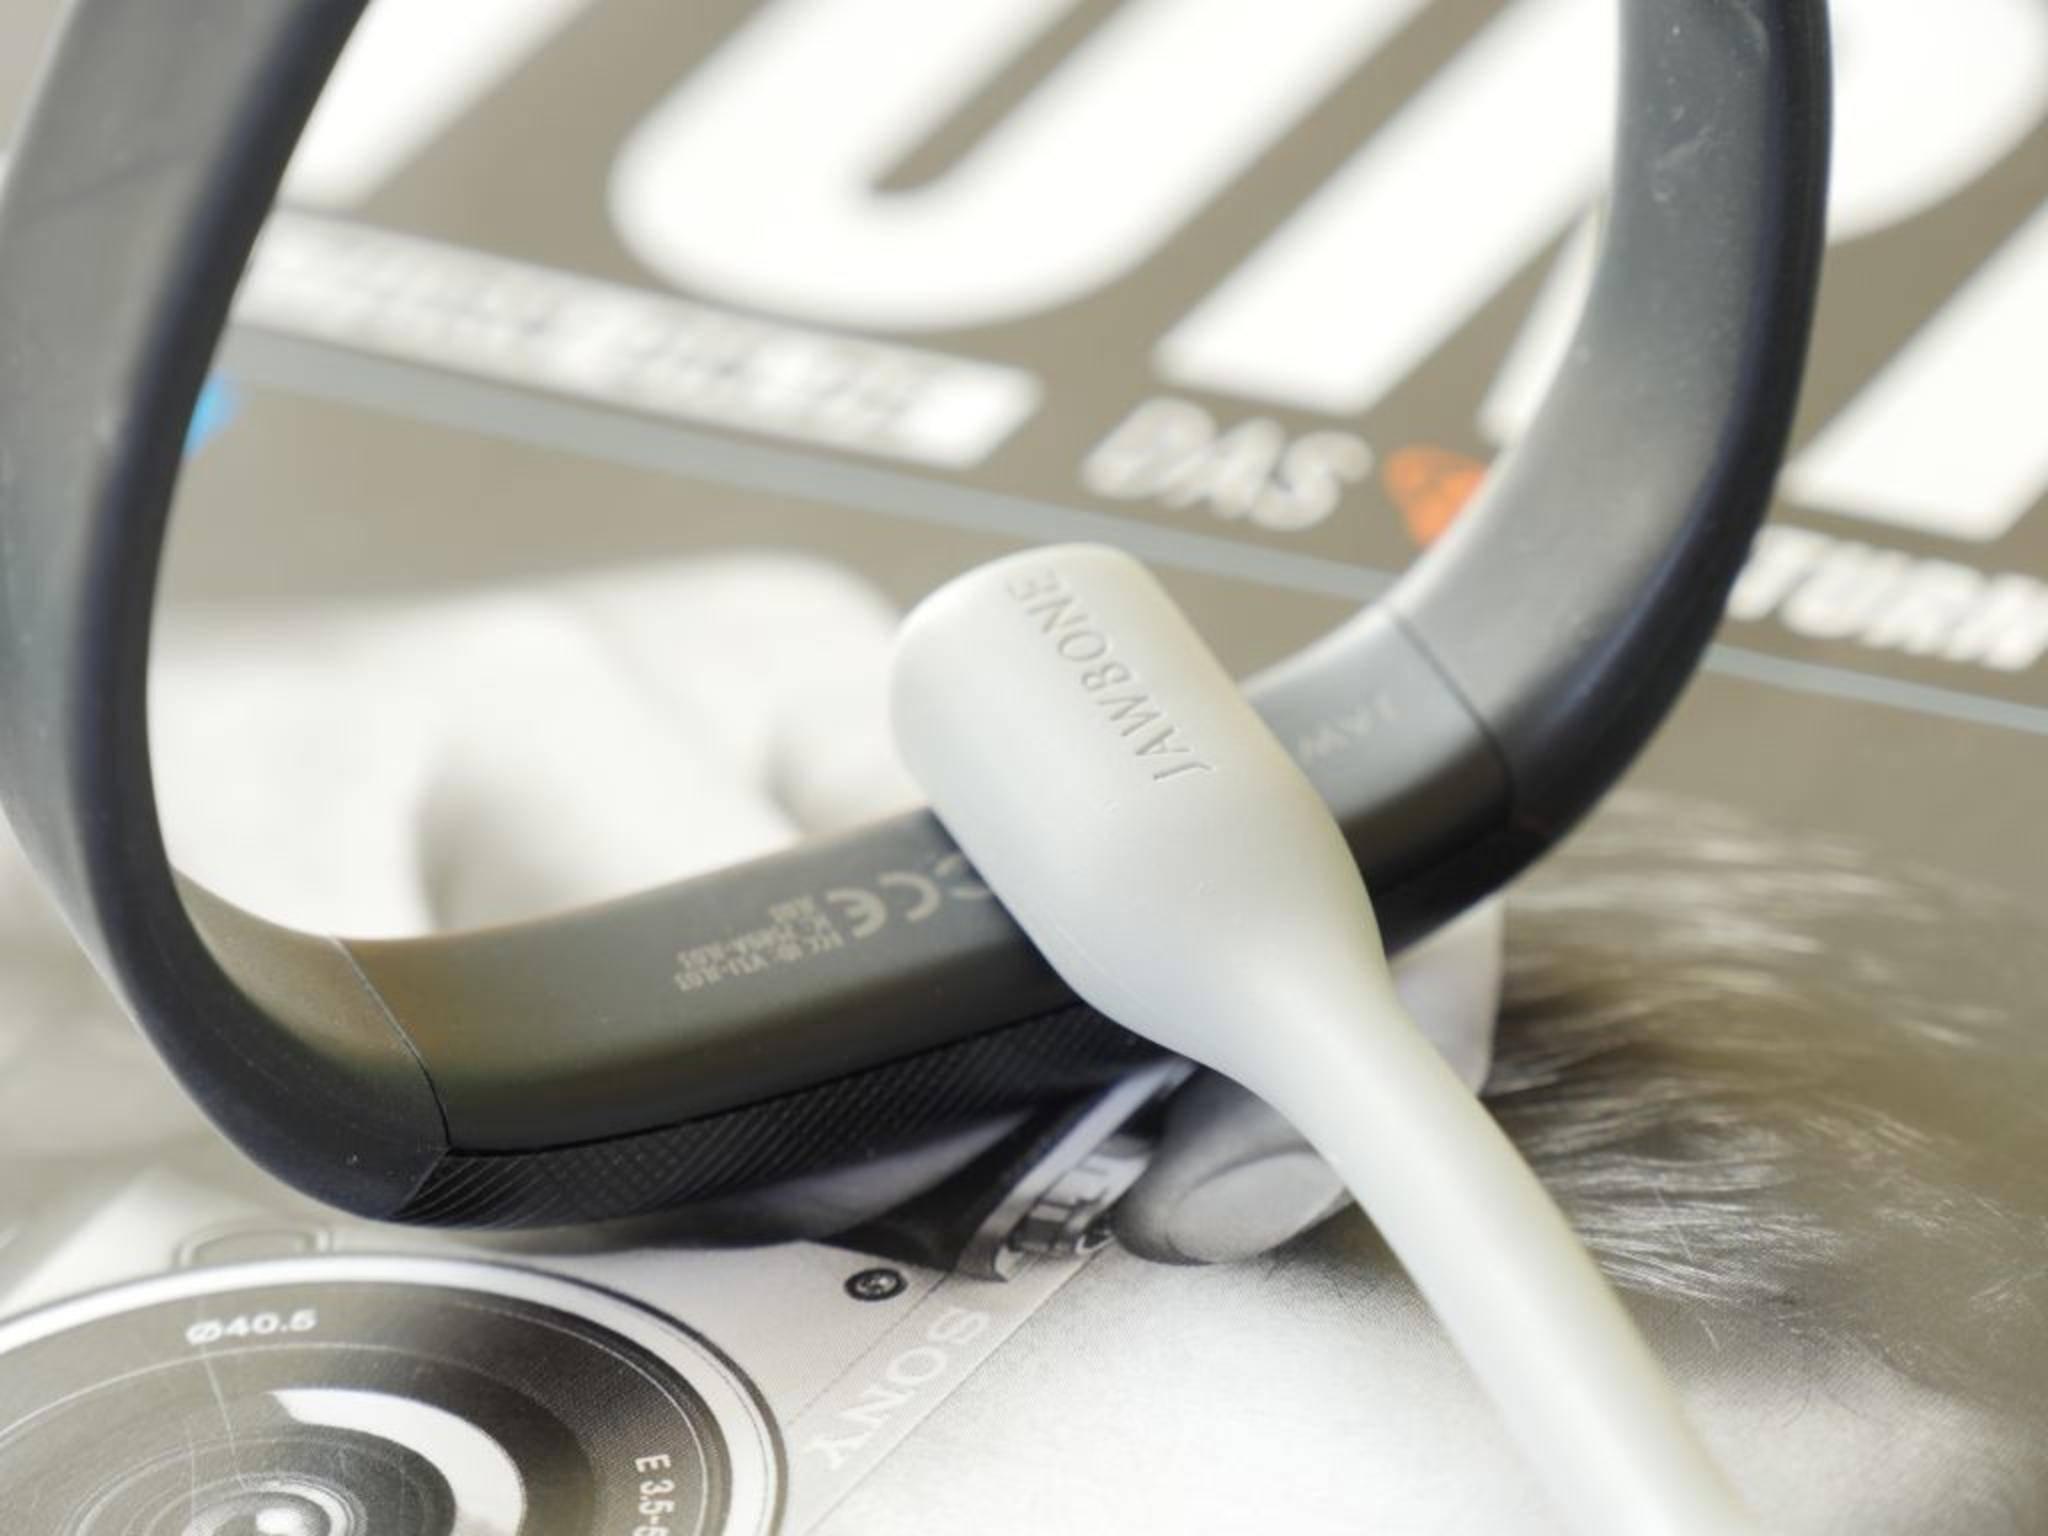 Magnete stellen die Verbindung zwischen Armband- und Kabel her.